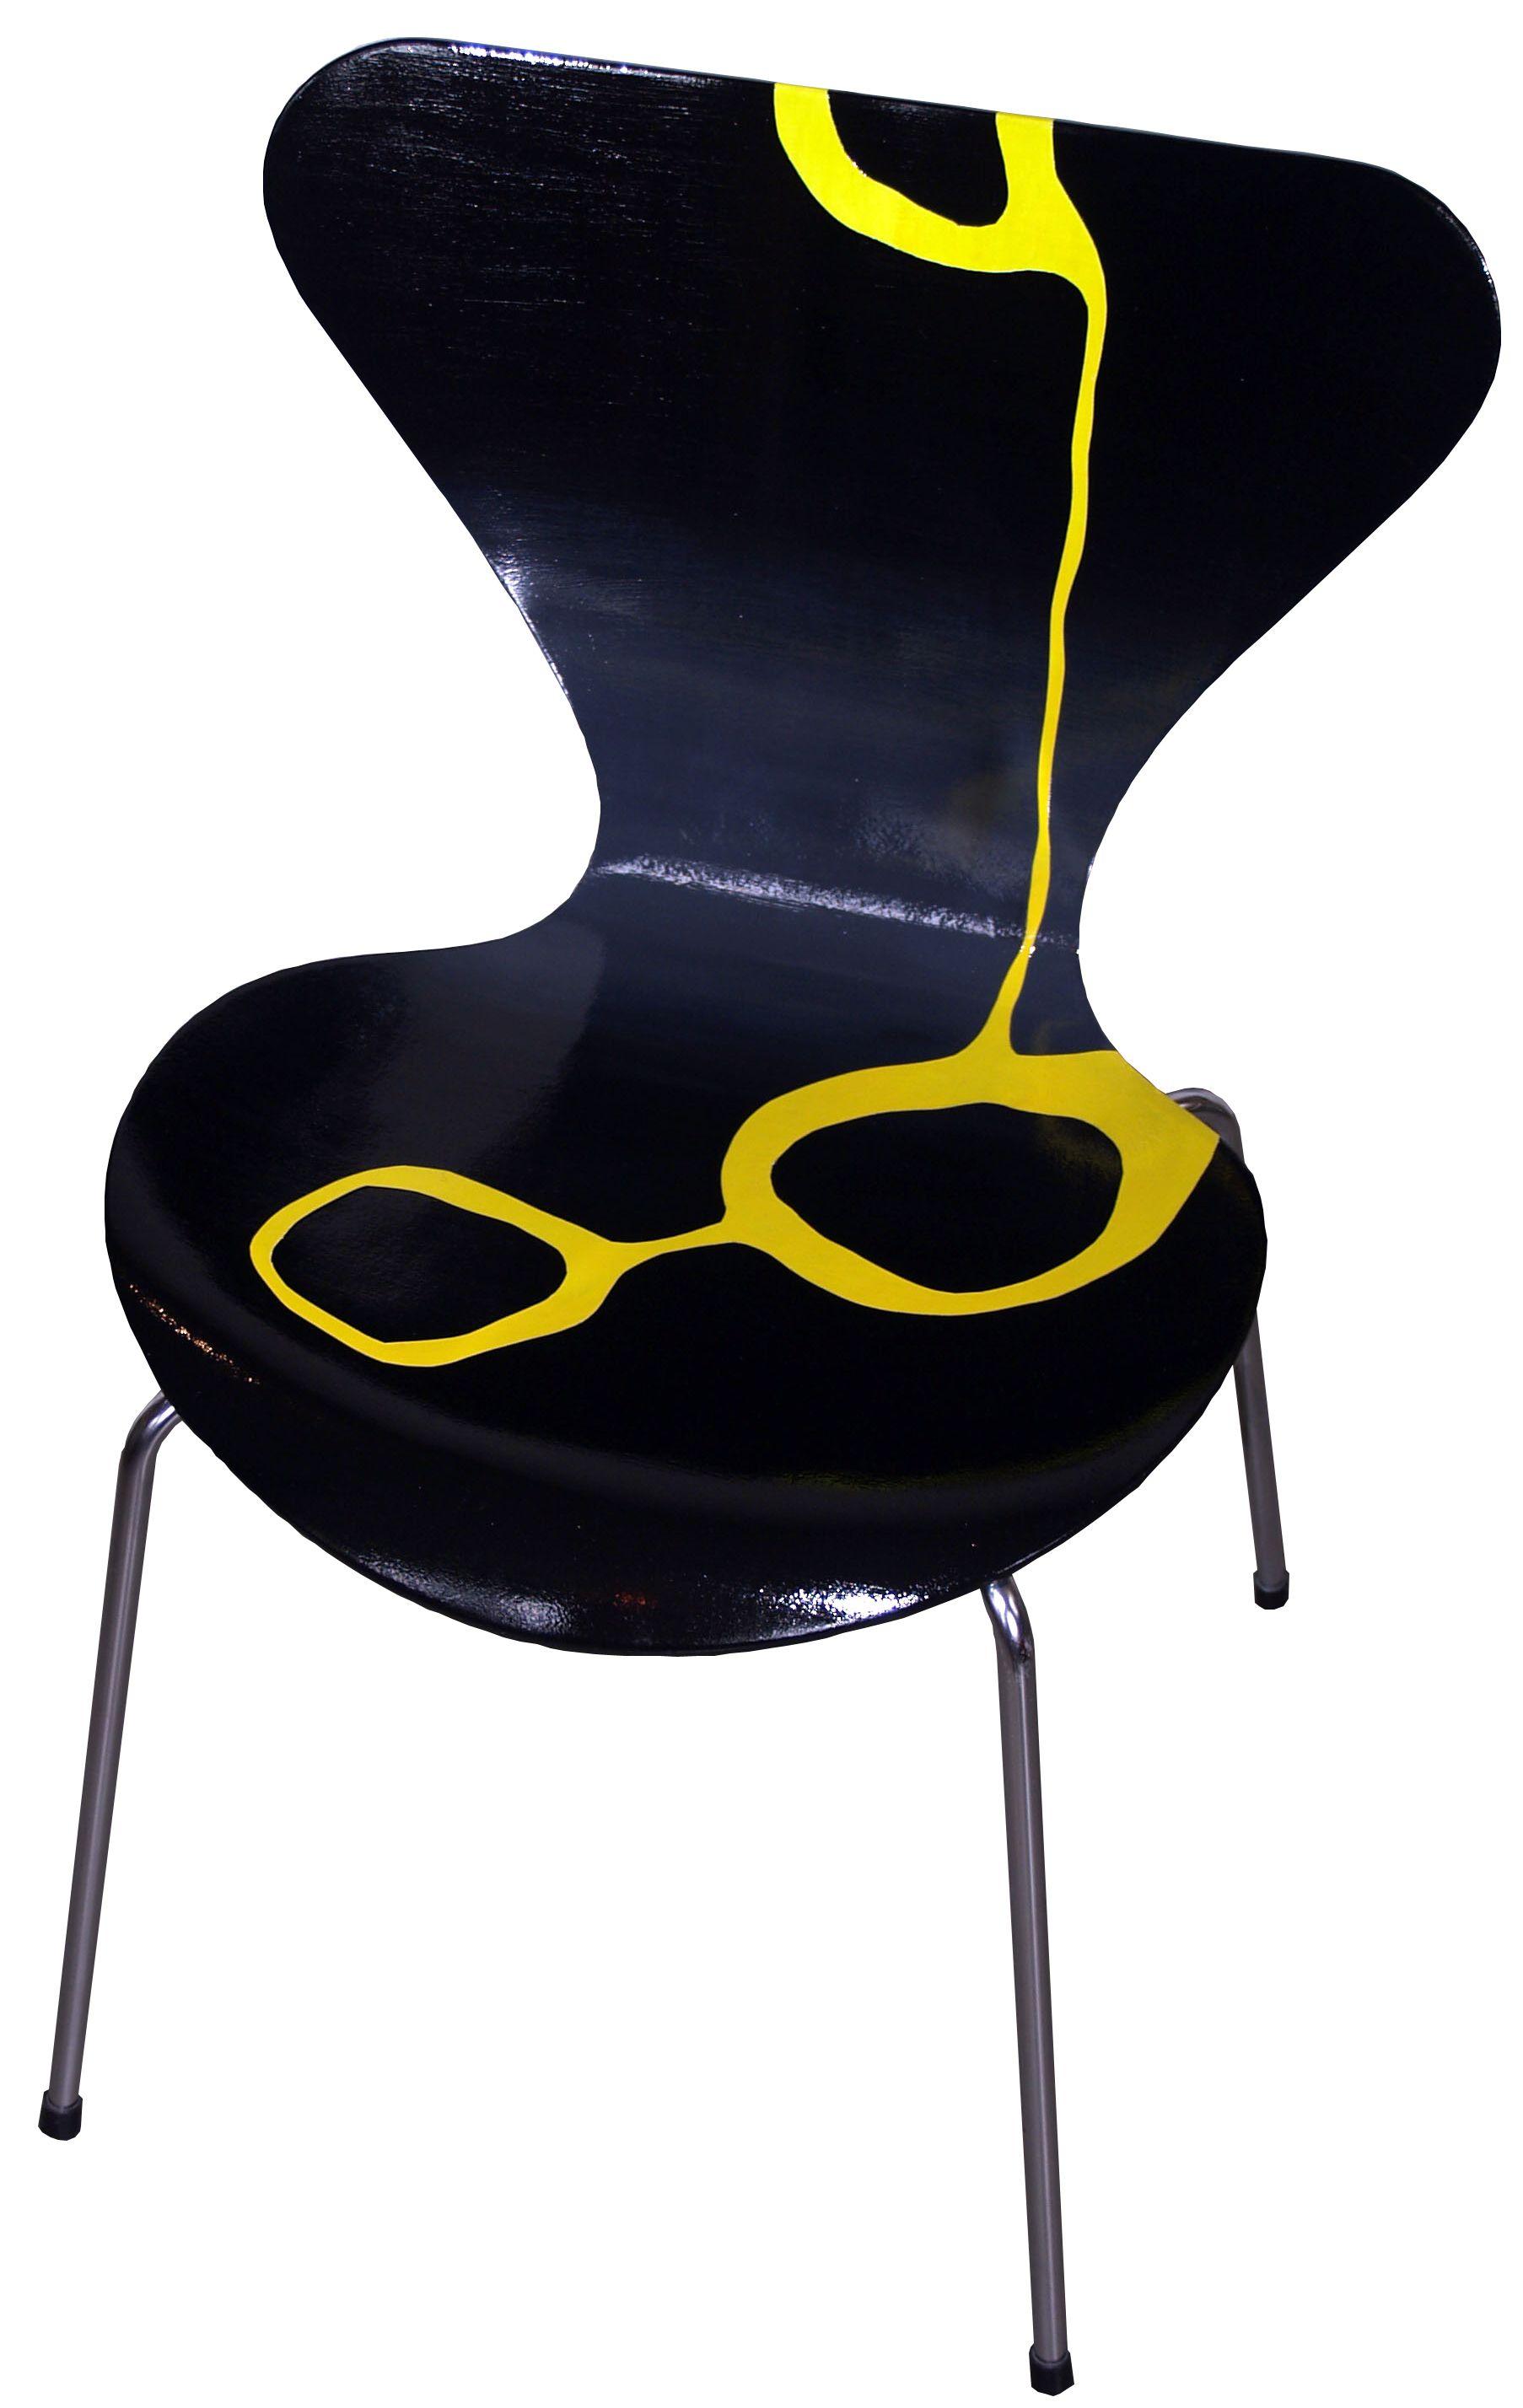 Maled Arne Jacobsen 7ér stol (med billeder) Vægure